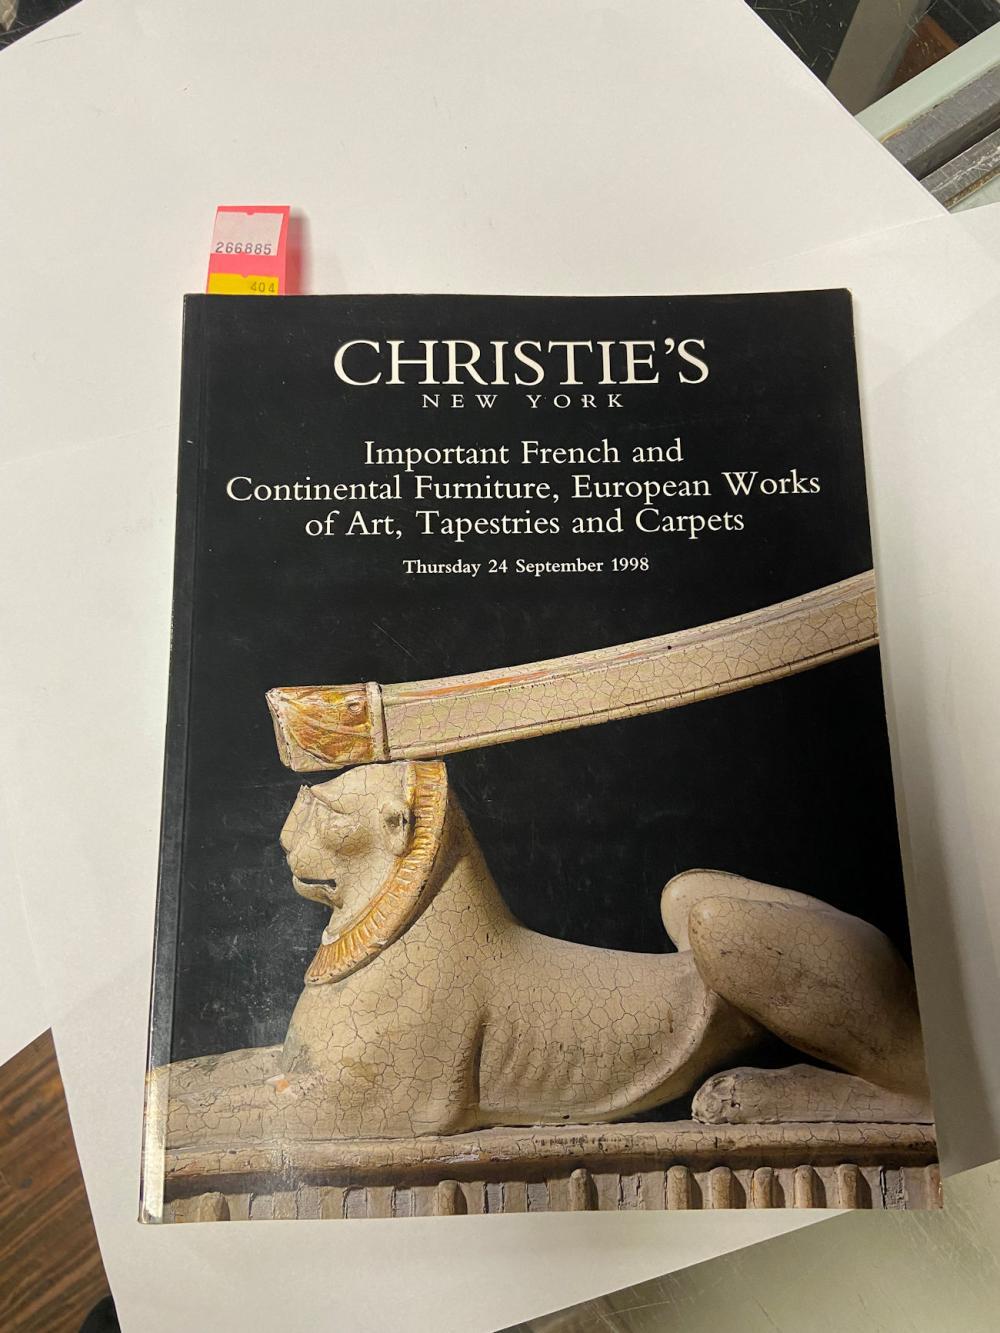 Christies New York: Thursday 24 September 1998